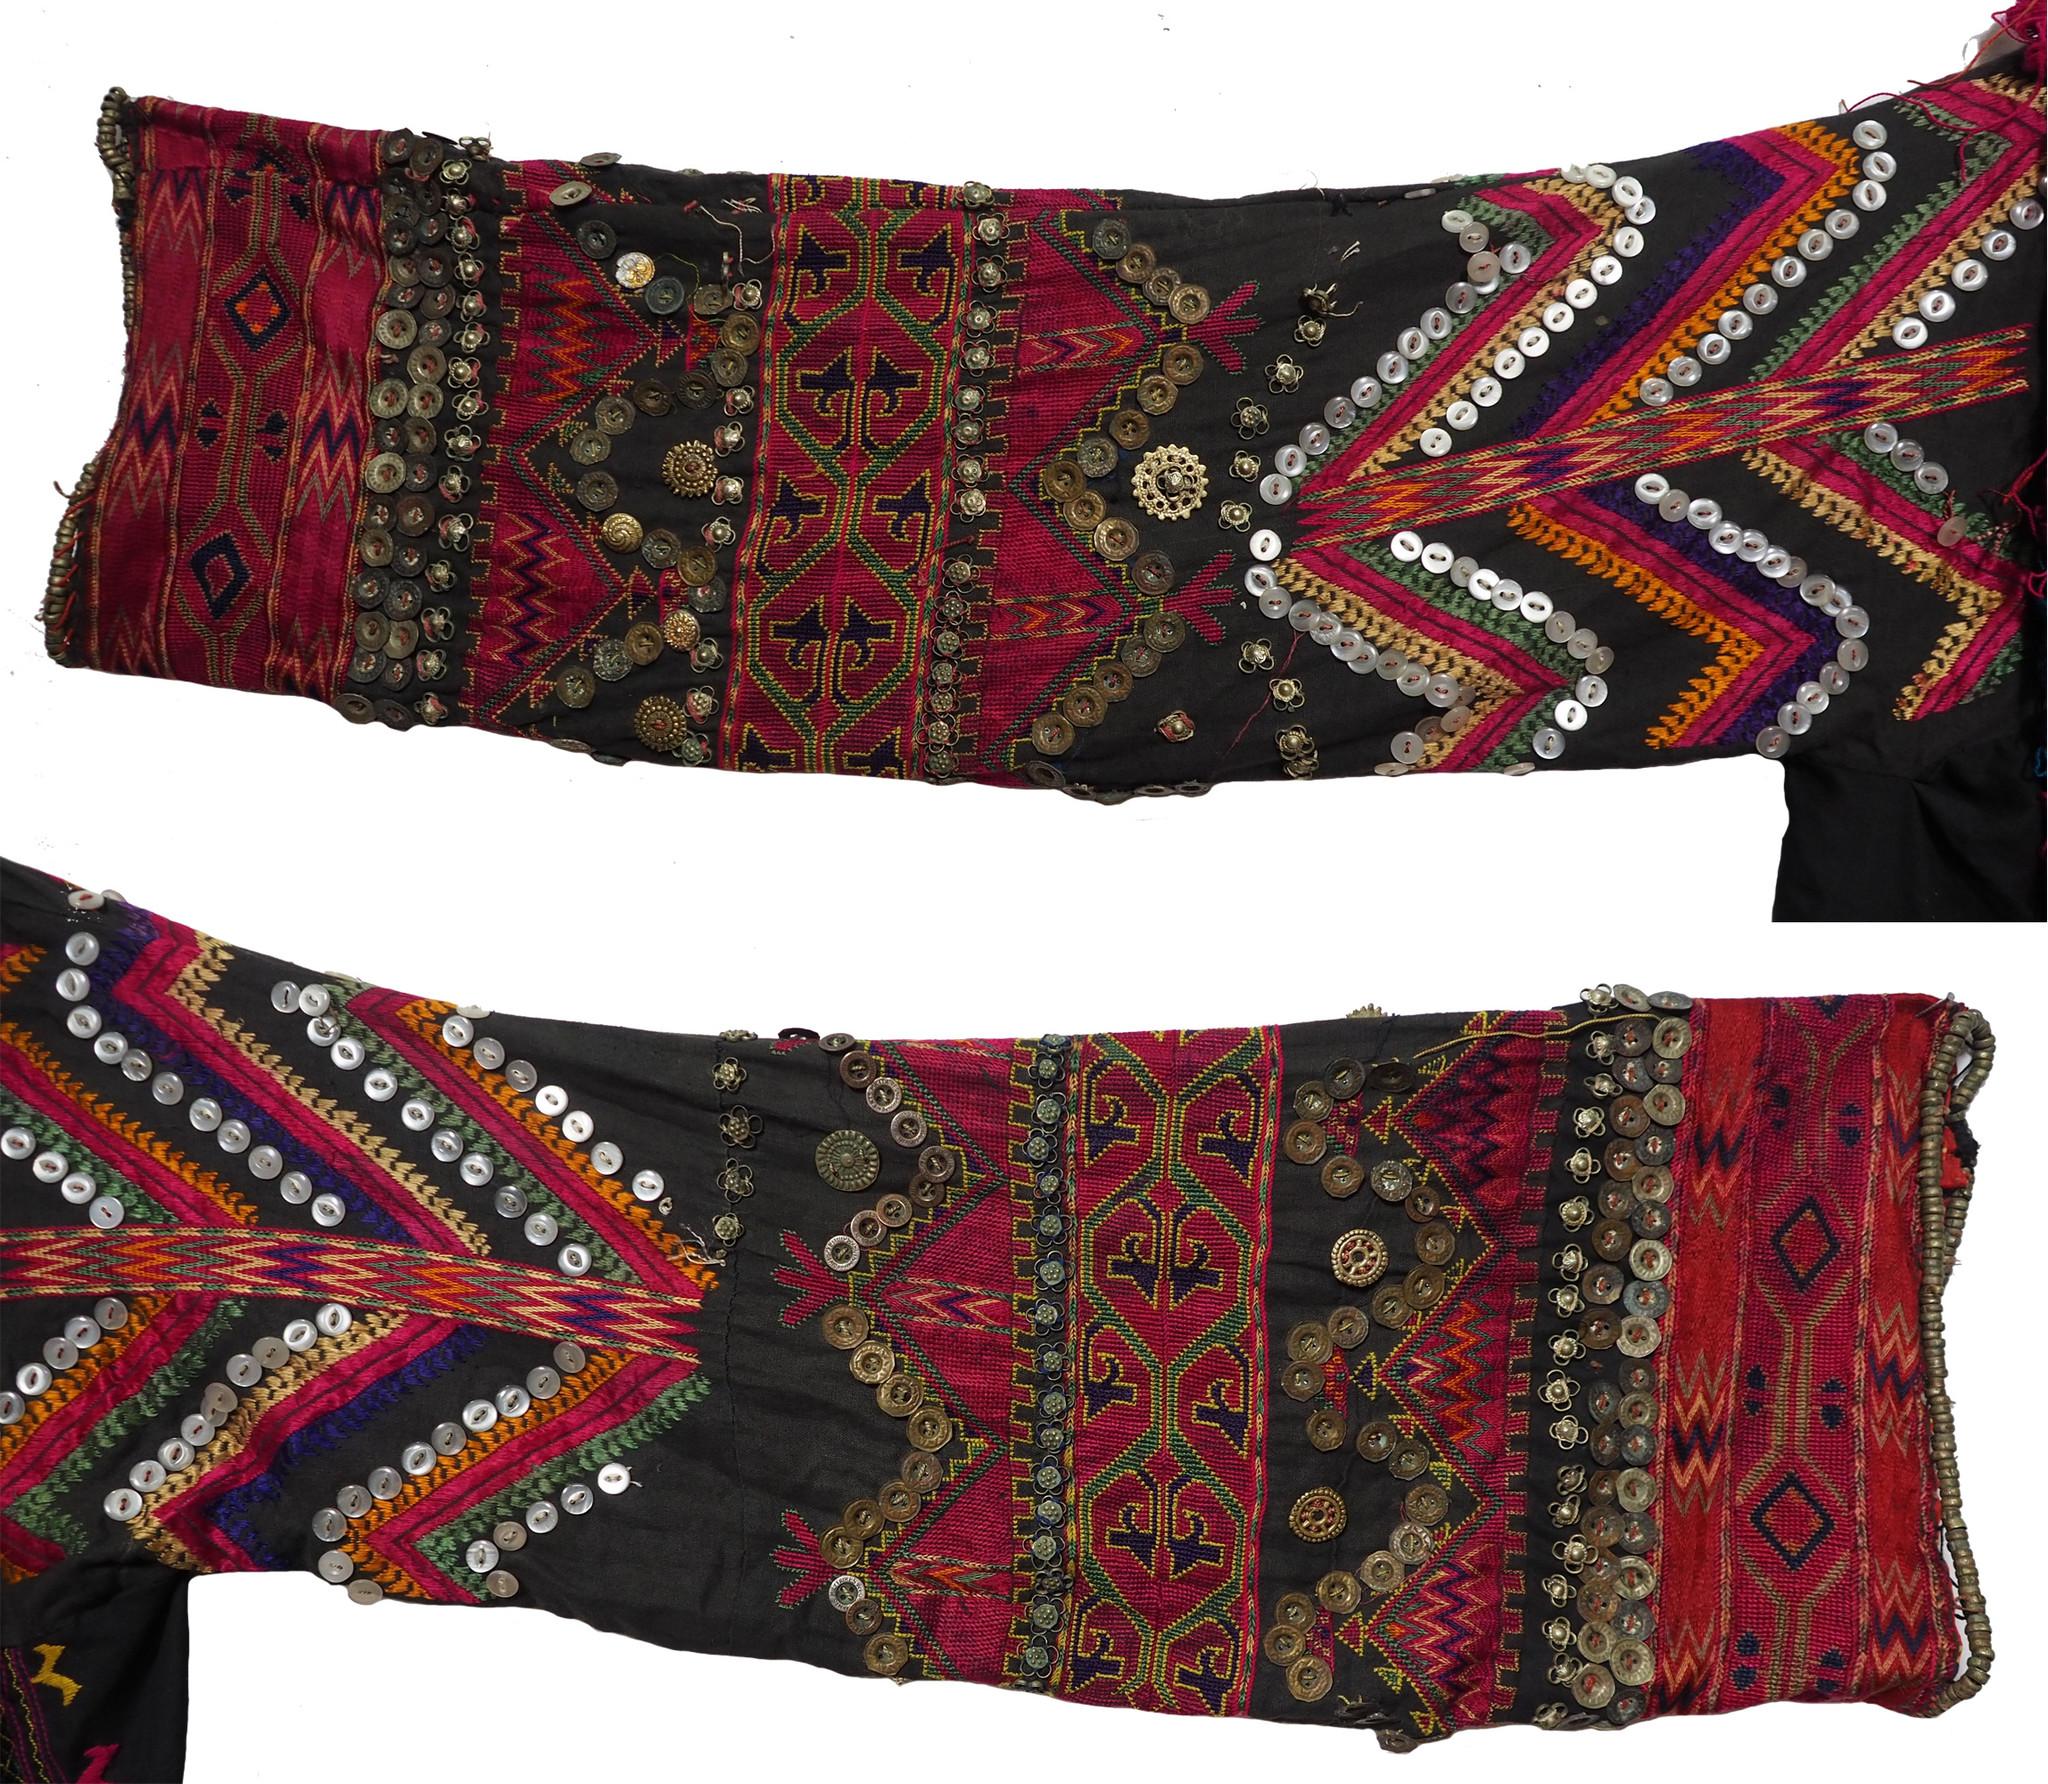 antik Frauen Hochzeit Kleid  aus Afghanistan Nuristan kohistan Jumlo Nr-21/7